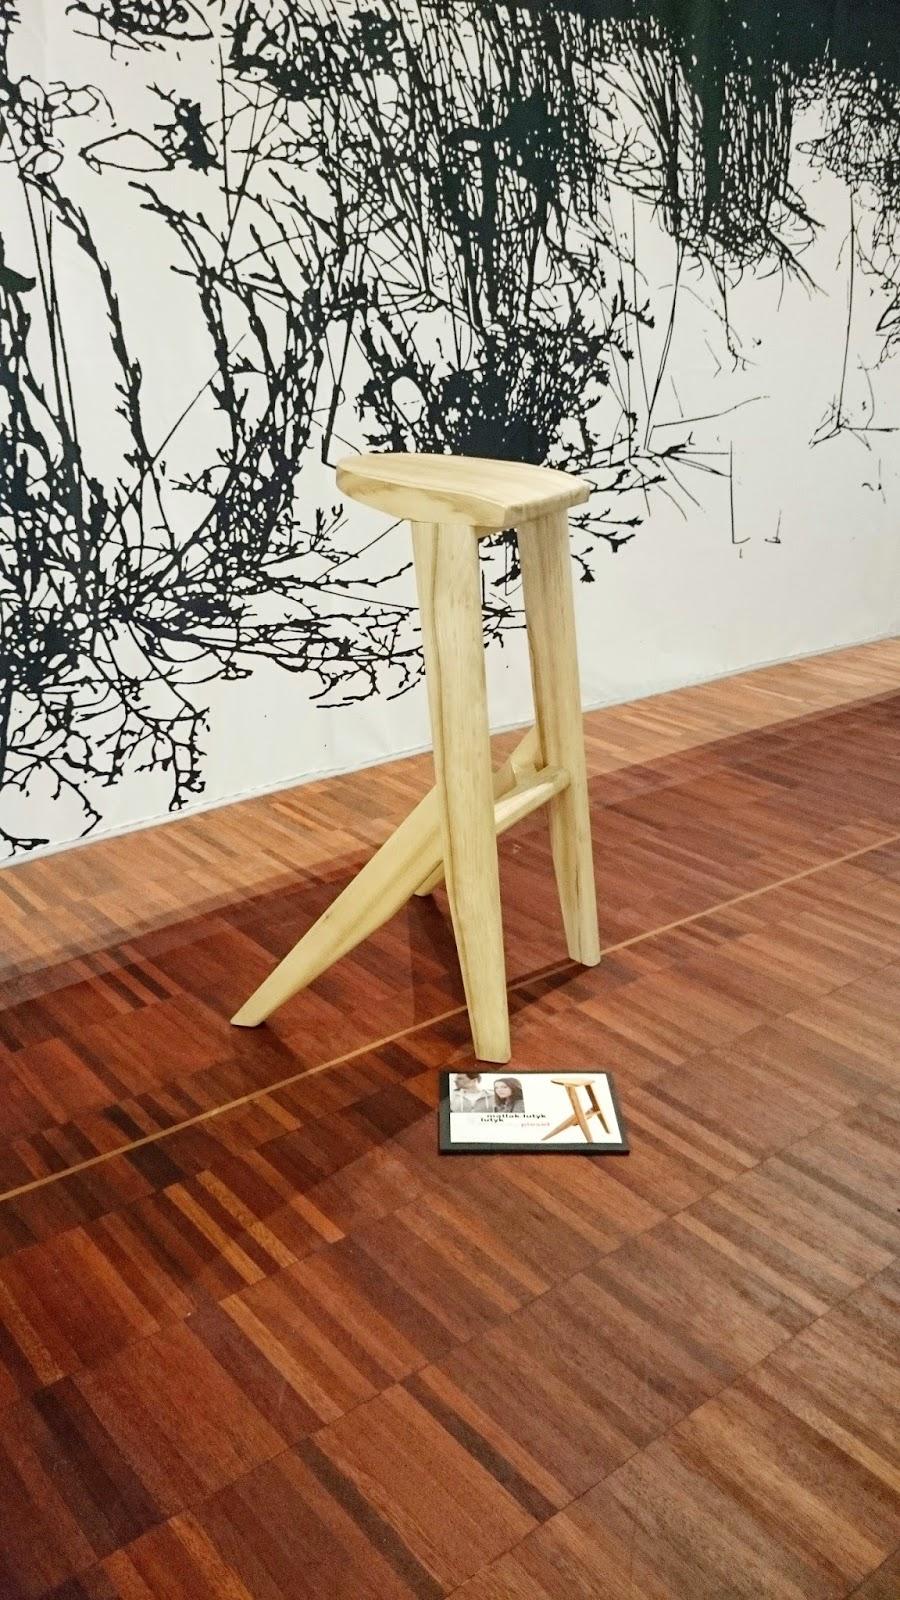 drewniany stołek,ekodesign,hoker drewnianey,drewniany mebel,jaki stołek do kuchni,designerski stołek,hoker nowoczesny,projekt stołka,prototyp hokera drewnianego